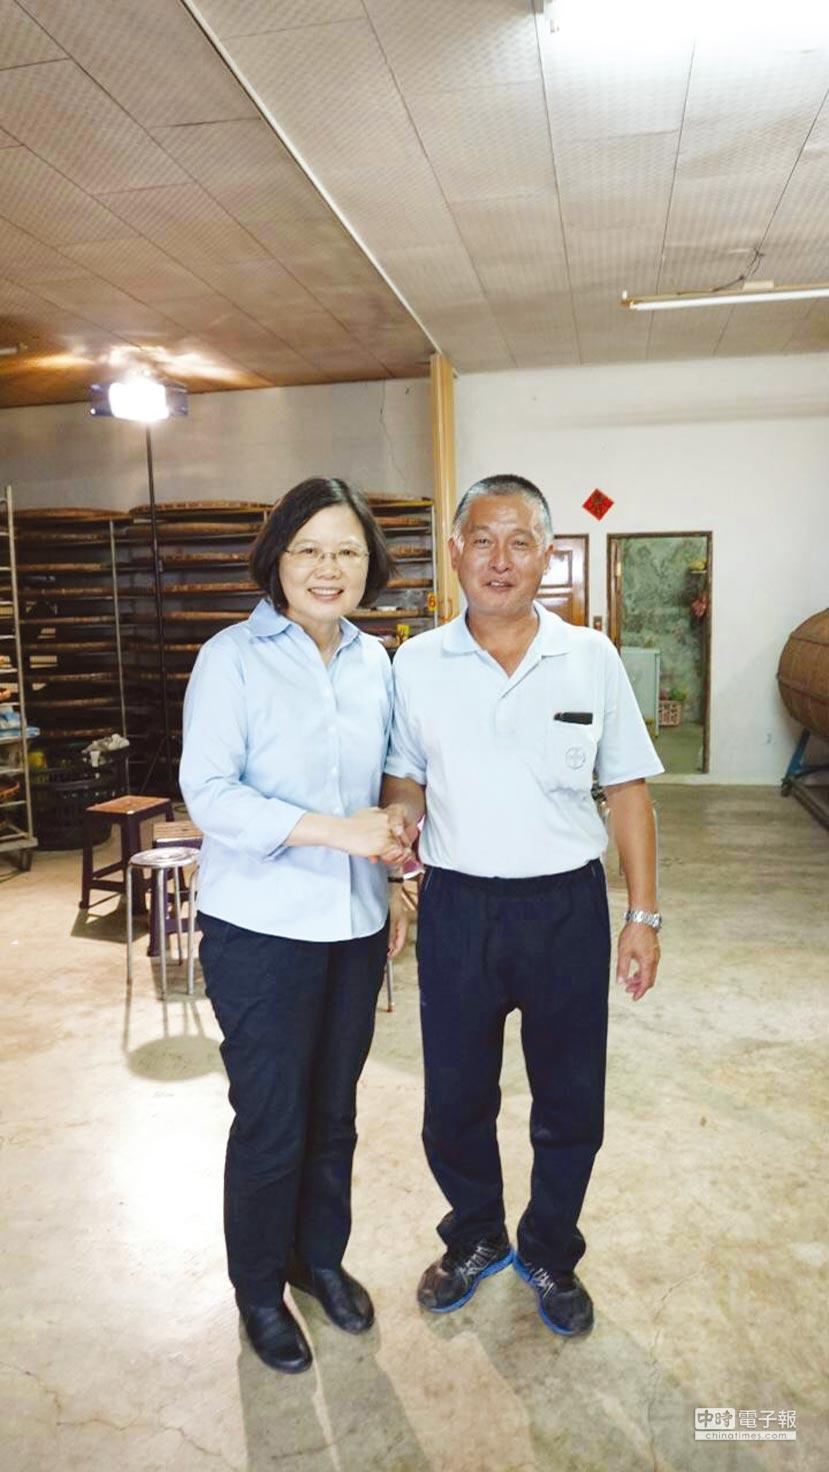 總統蔡英文曾經探訪自耕農葉東保,讓「總統茶園」一炮而紅。圖/葉東保提供